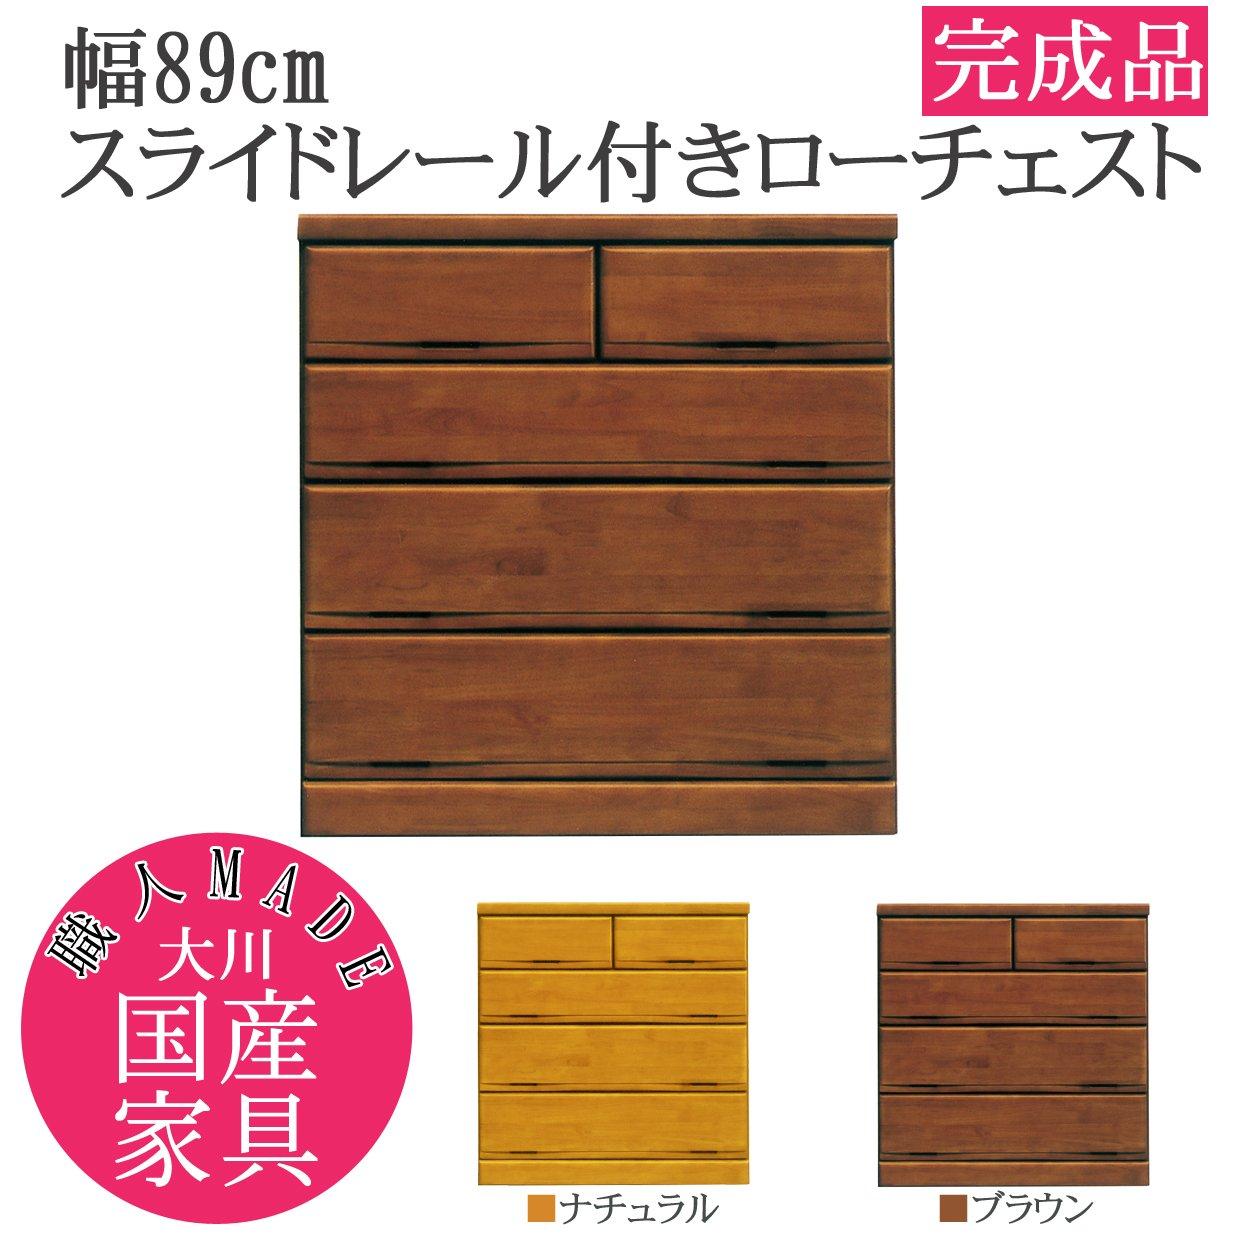 幅89cm スライドレール付き ローチェスト チェスト ブラウン 茶色 木製 完成品 日本製 大川家具 31020034009-BR B01GHHMA8E ブラウン 茶色 幅89cmローチェスト